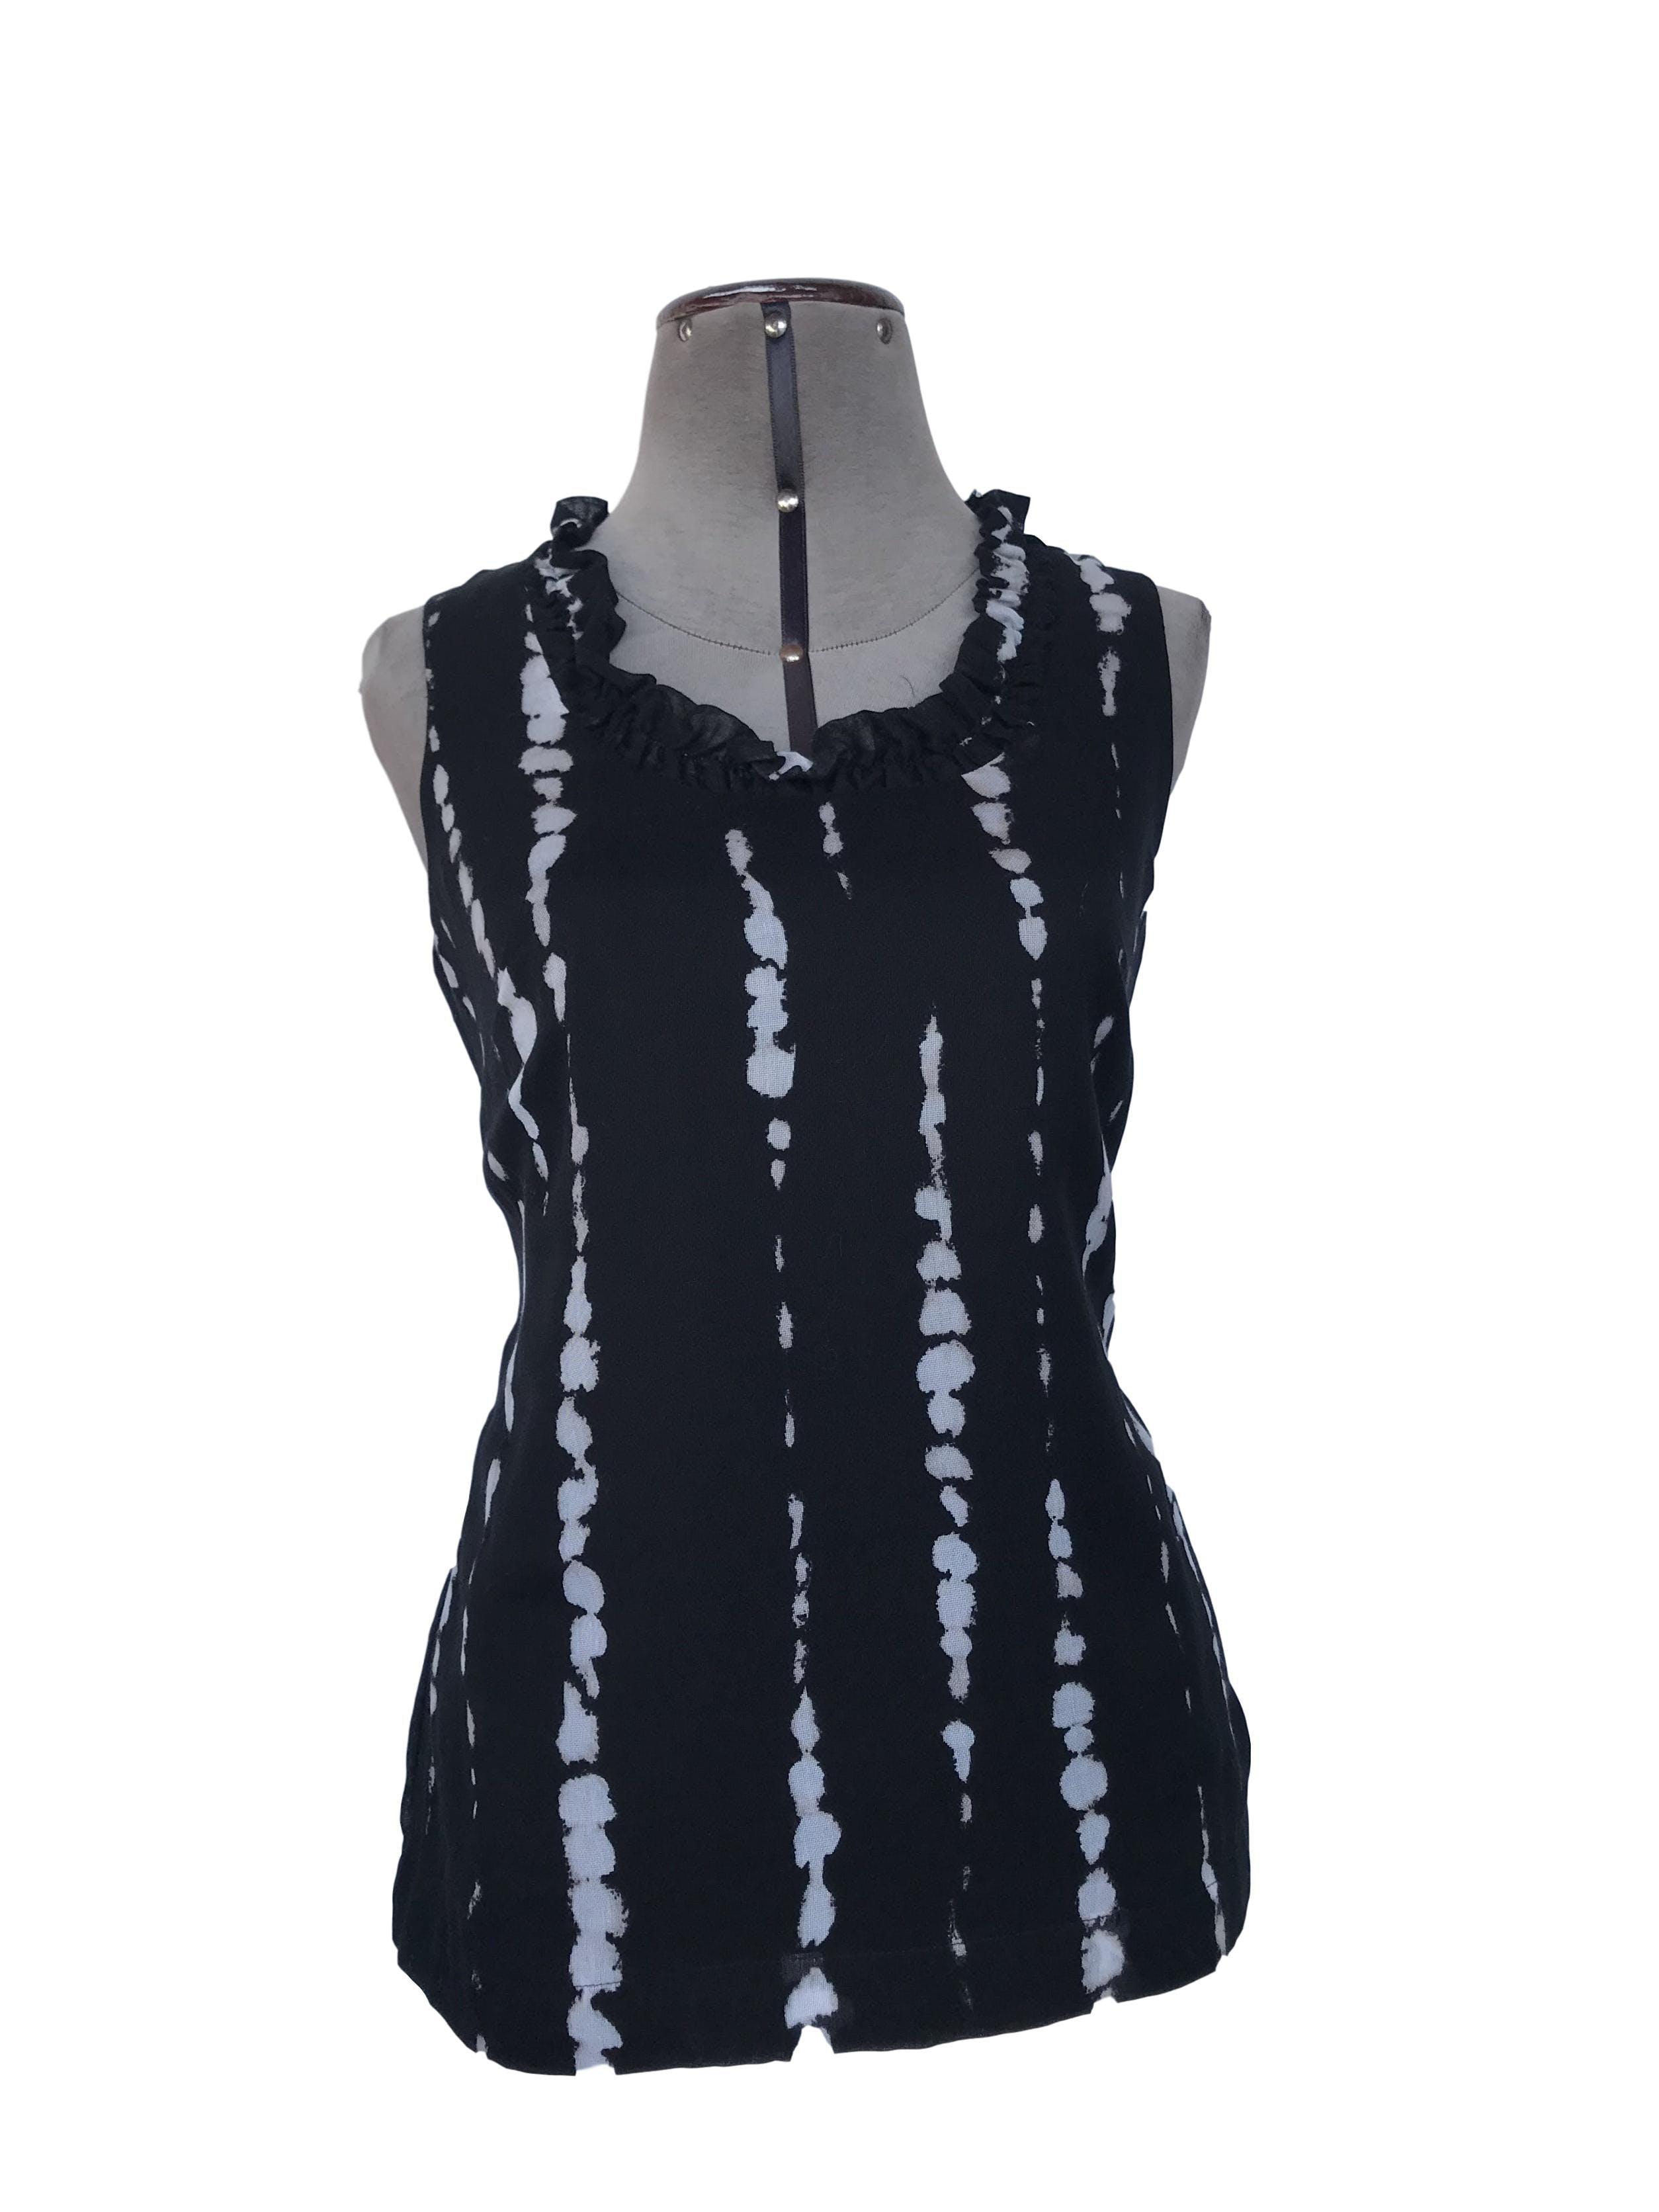 Blusa Ann Taylor negra con estampado plomo, bobos en el cuello, forrado, con cierre lateral.  Precio original S/. 200 Talla S